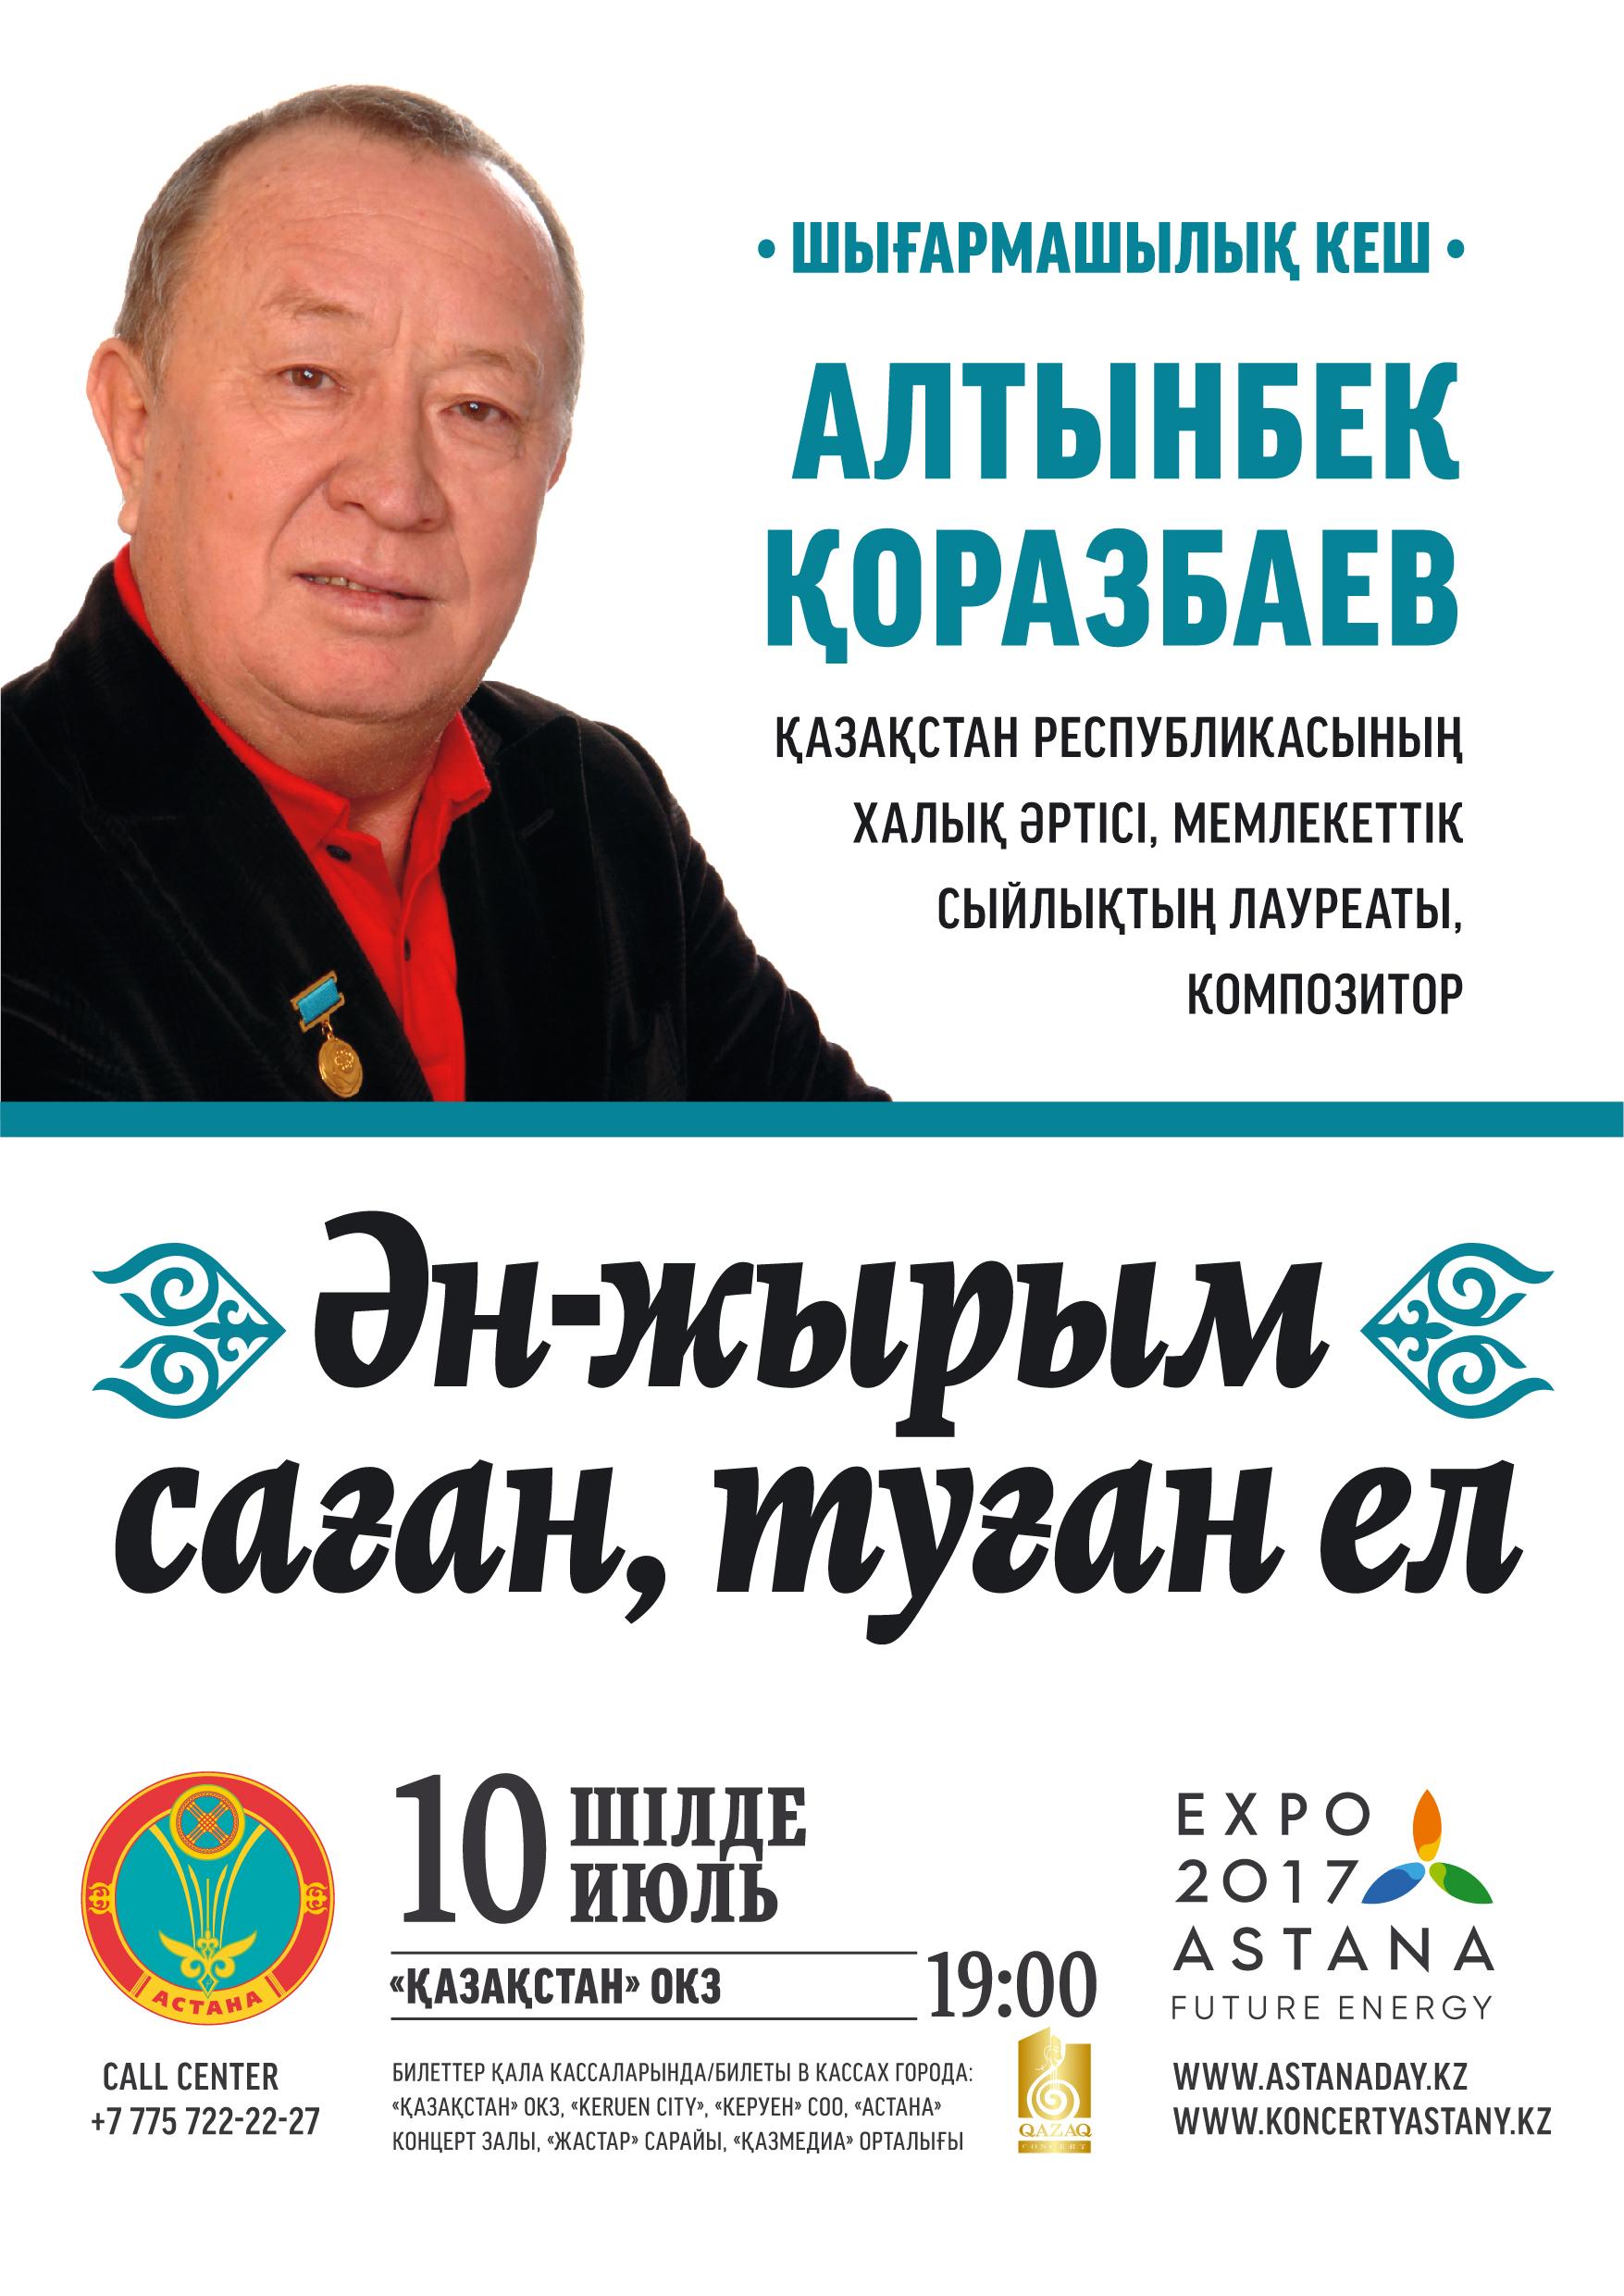 Алтынбек Қоразбаевтың «Ән-жырым саған, туған ел» атты шығармашылық кеші